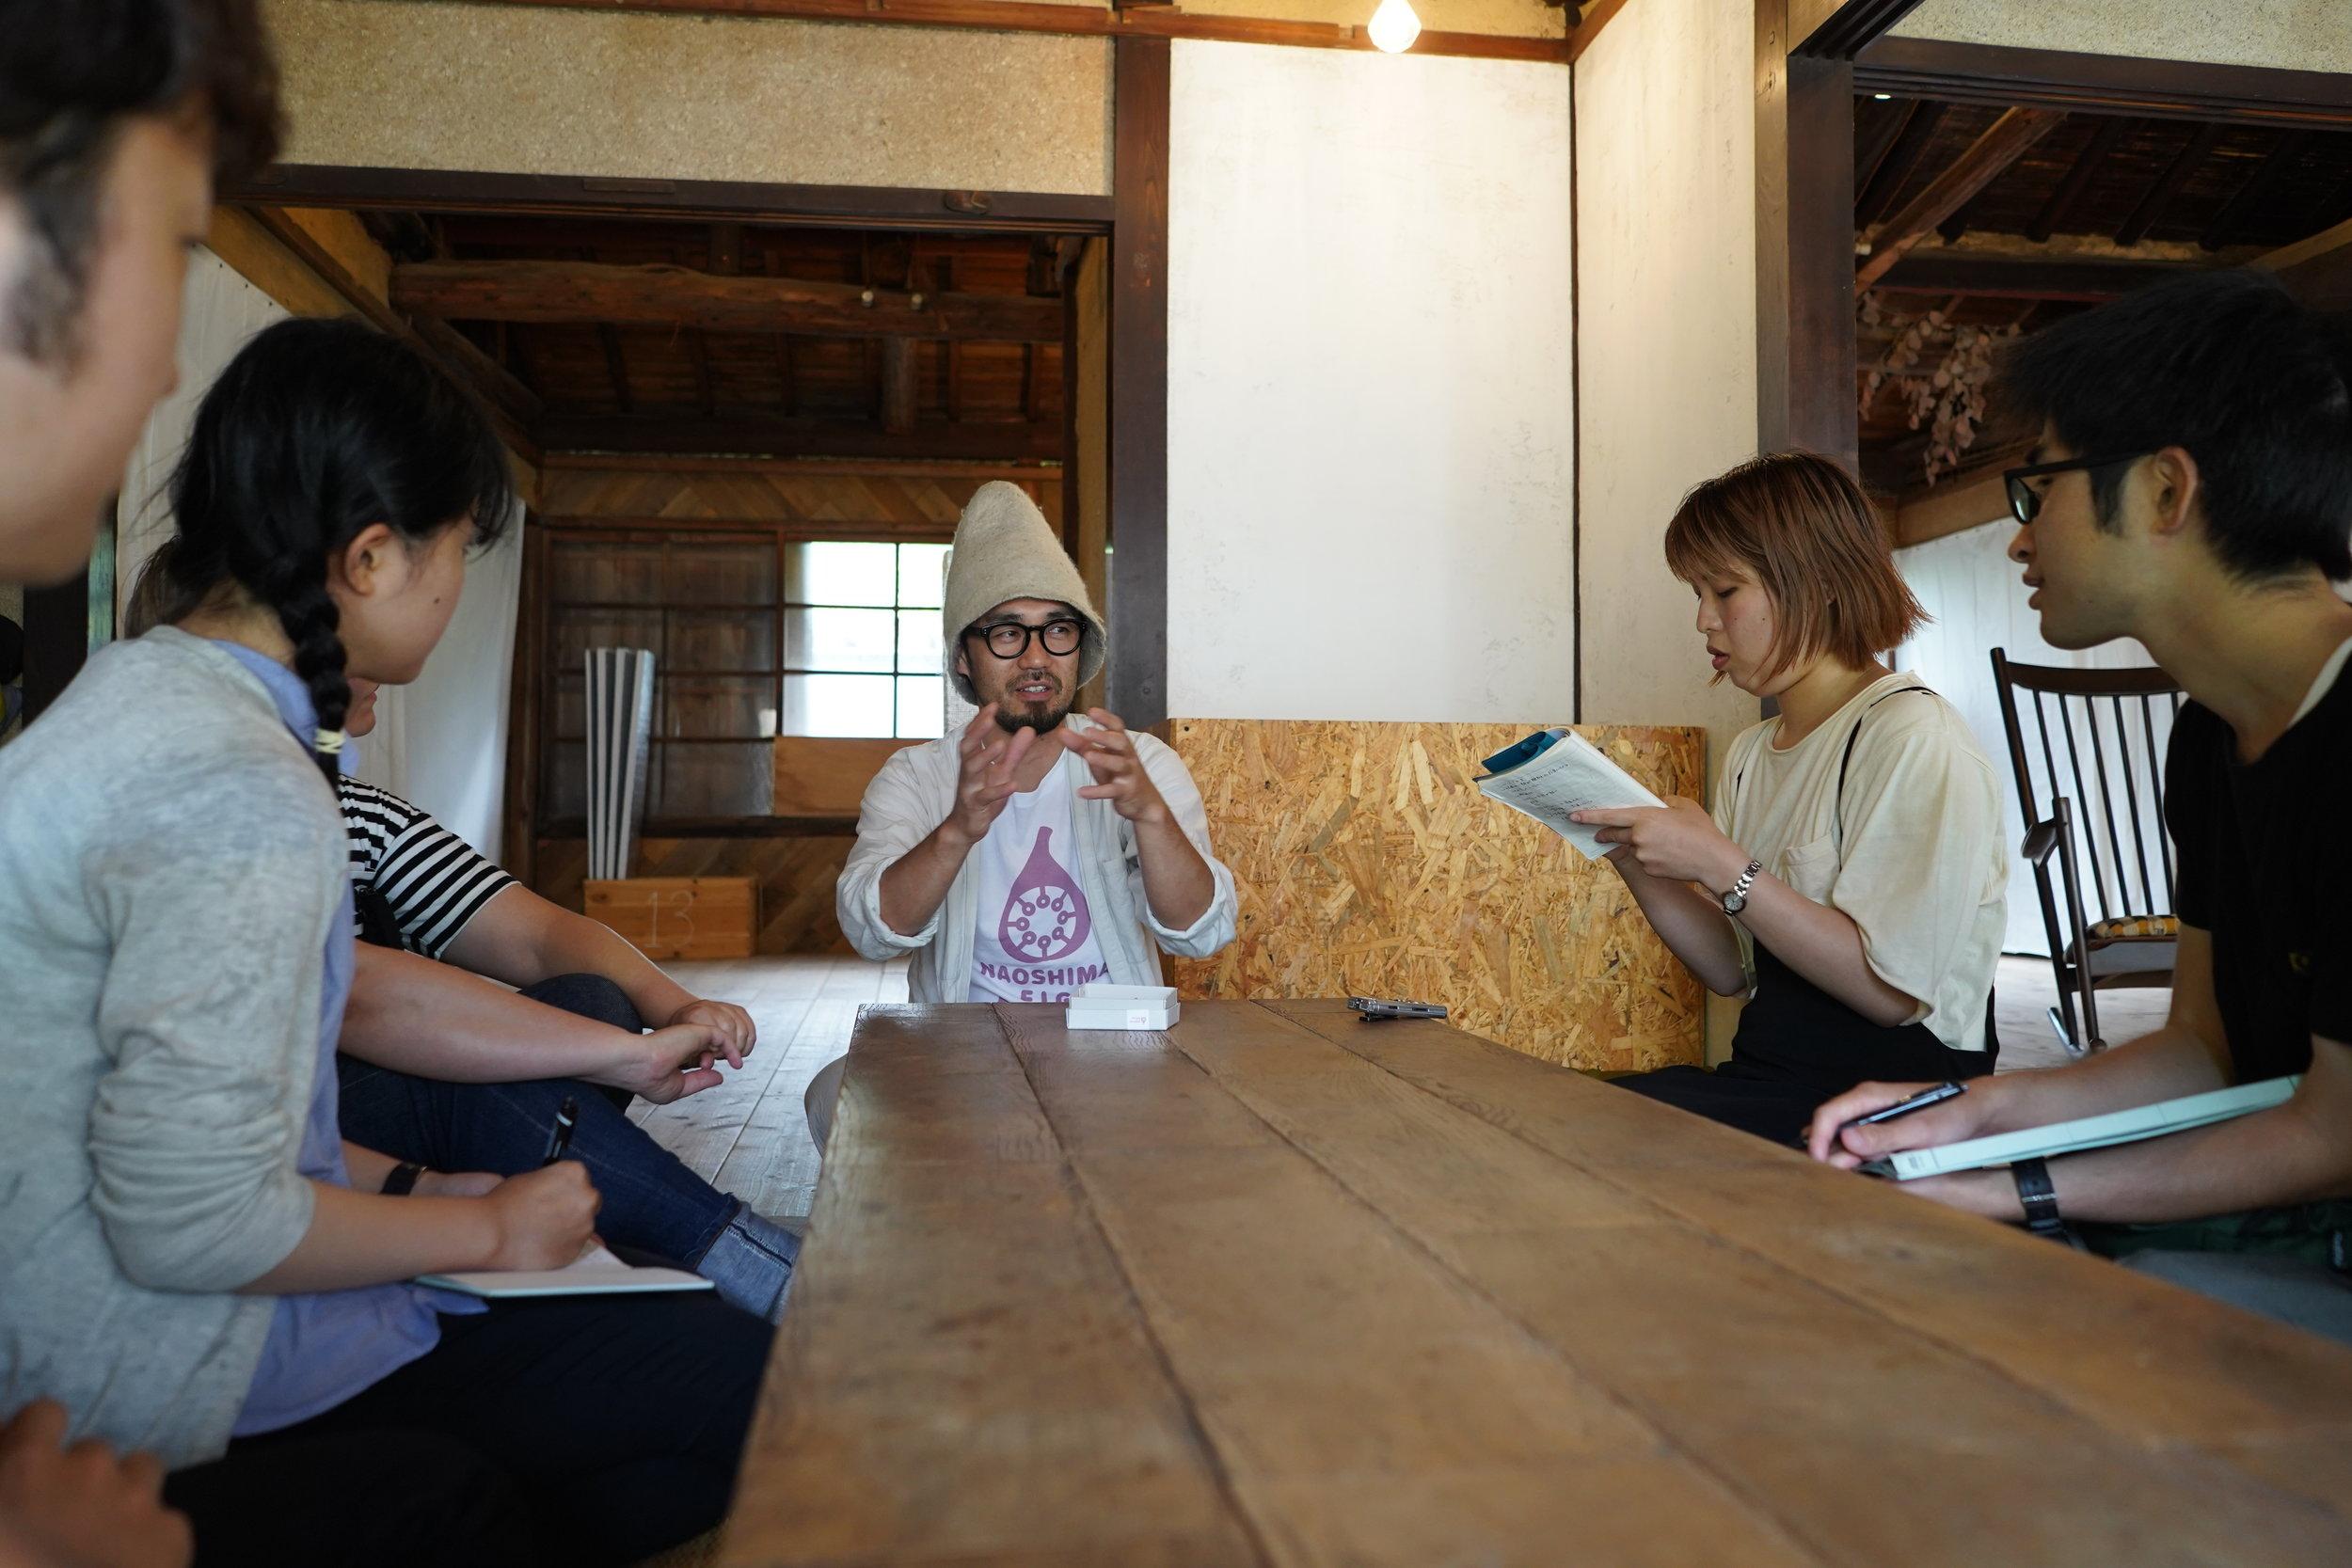 直島いちじくプロジェクトの総合プロデューサーとお話しました。 Students discussed the Naoshima Fig Project with its leader.